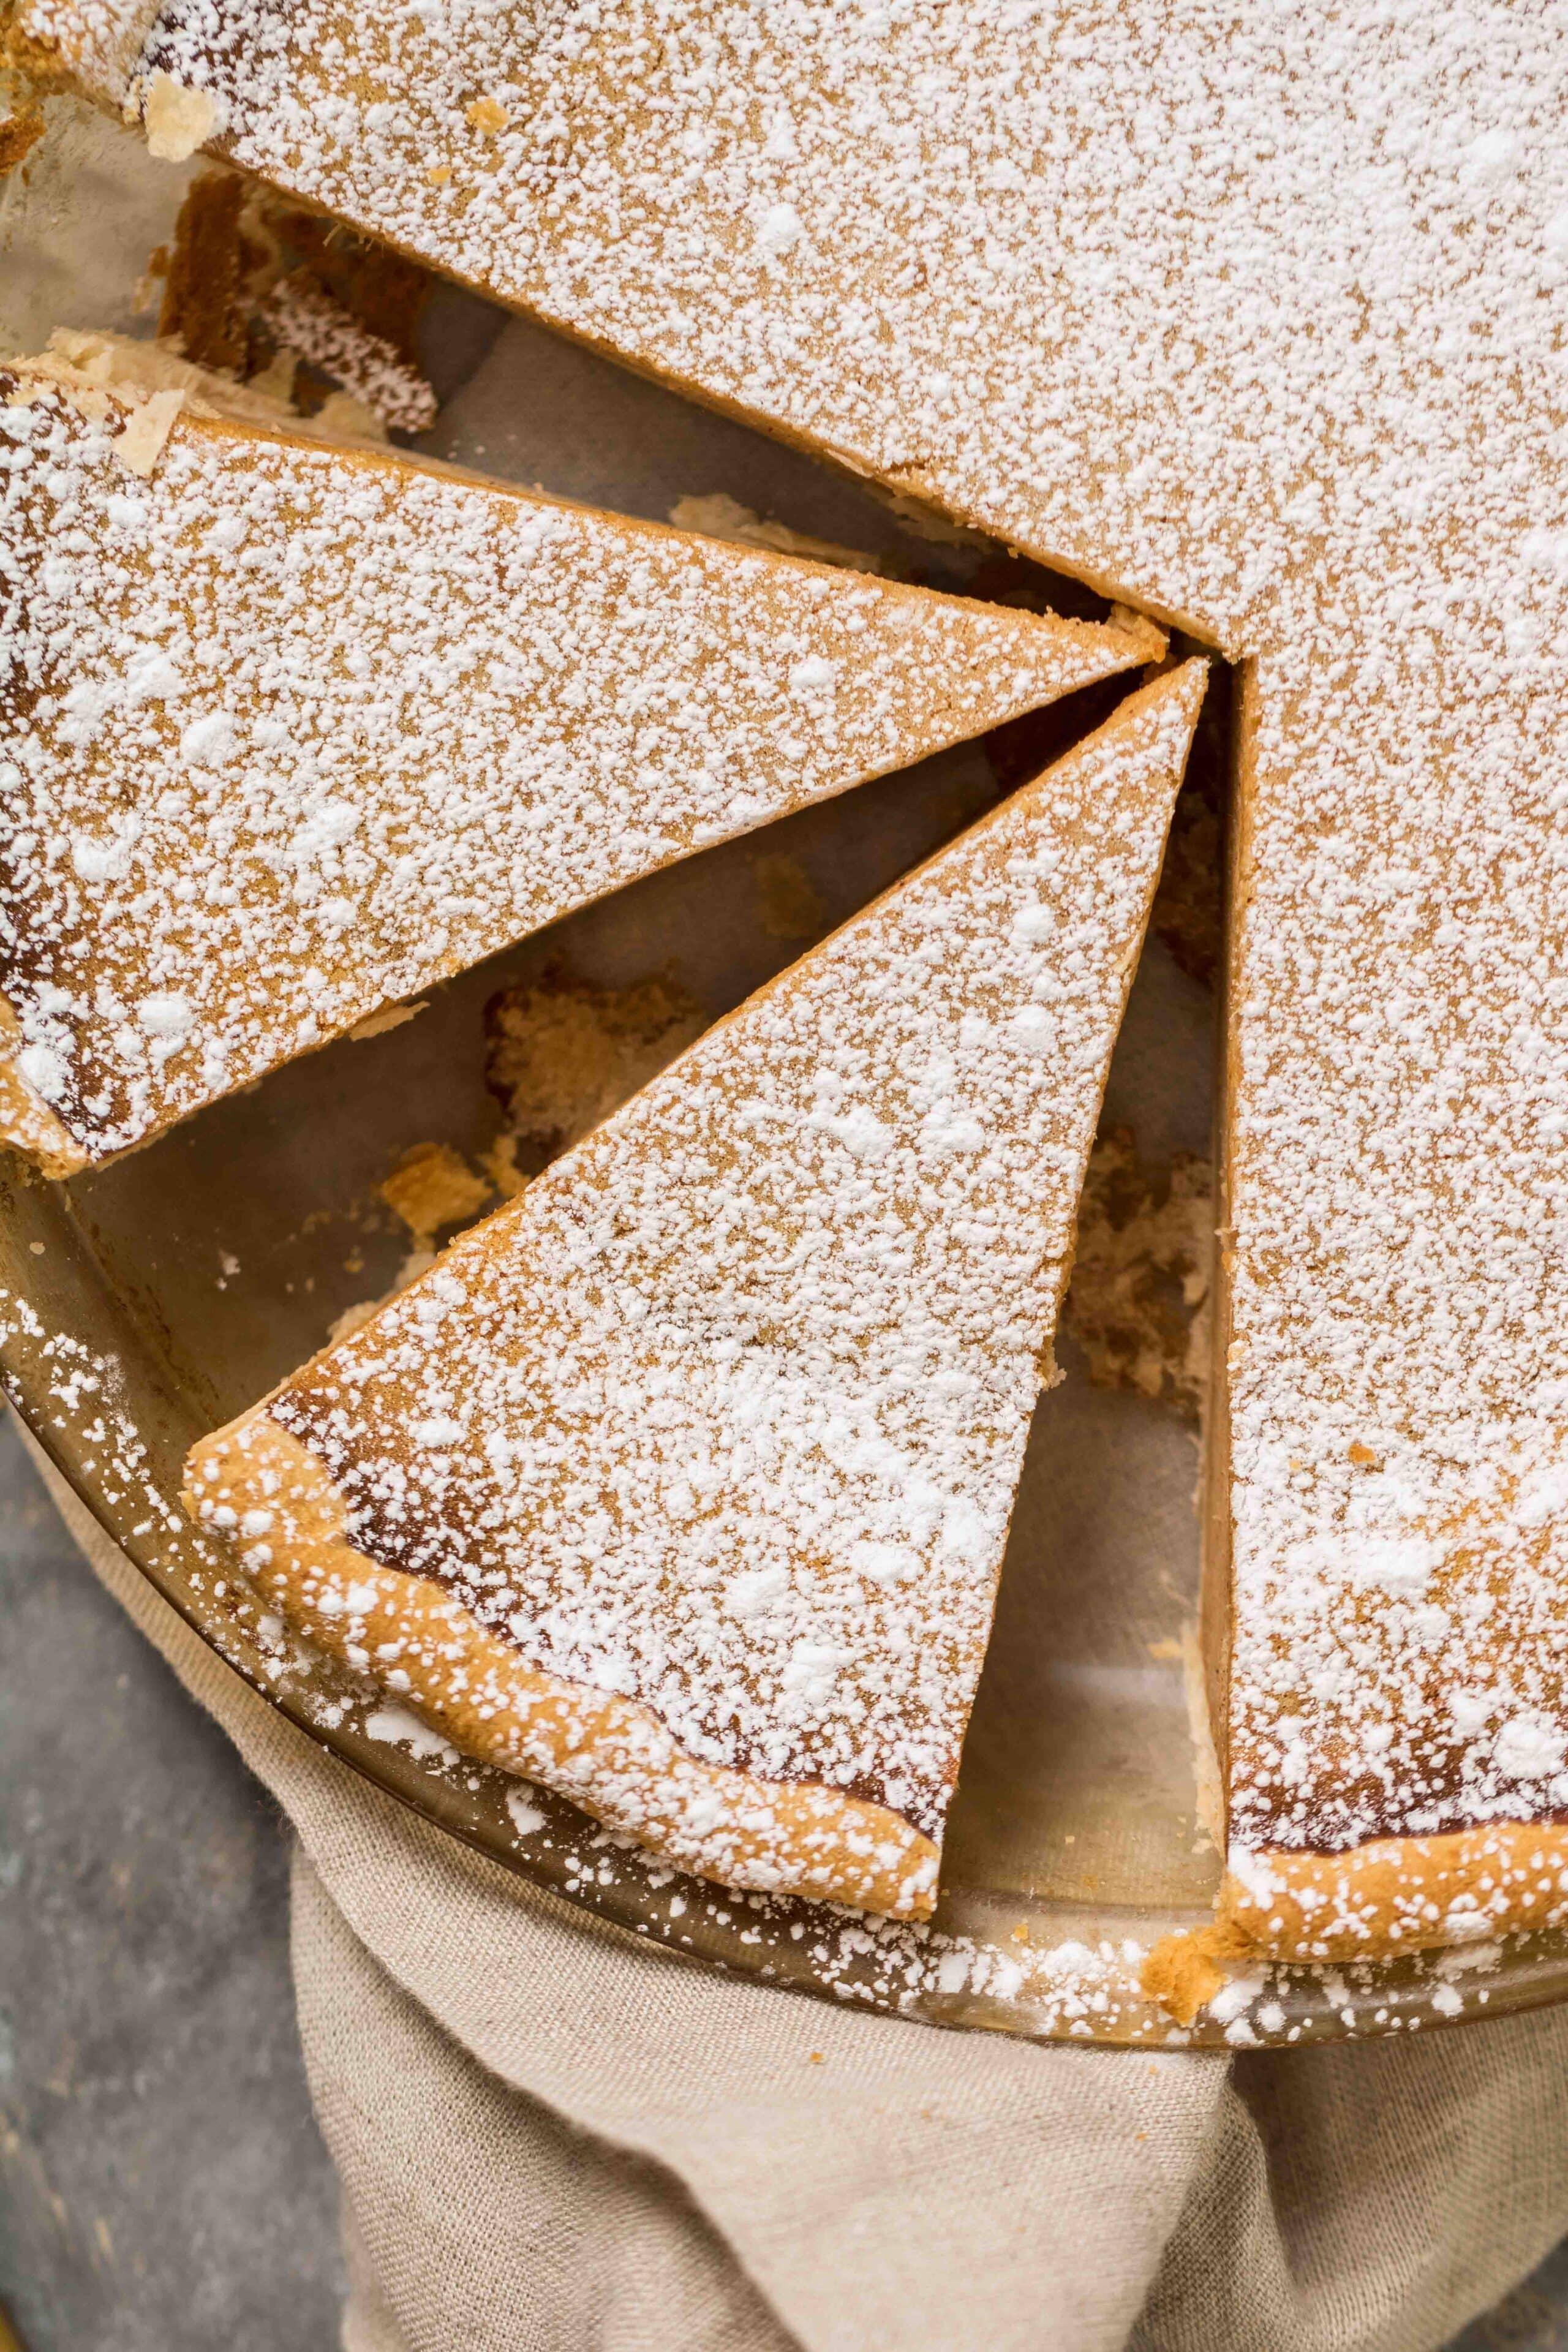 Yam pie slices